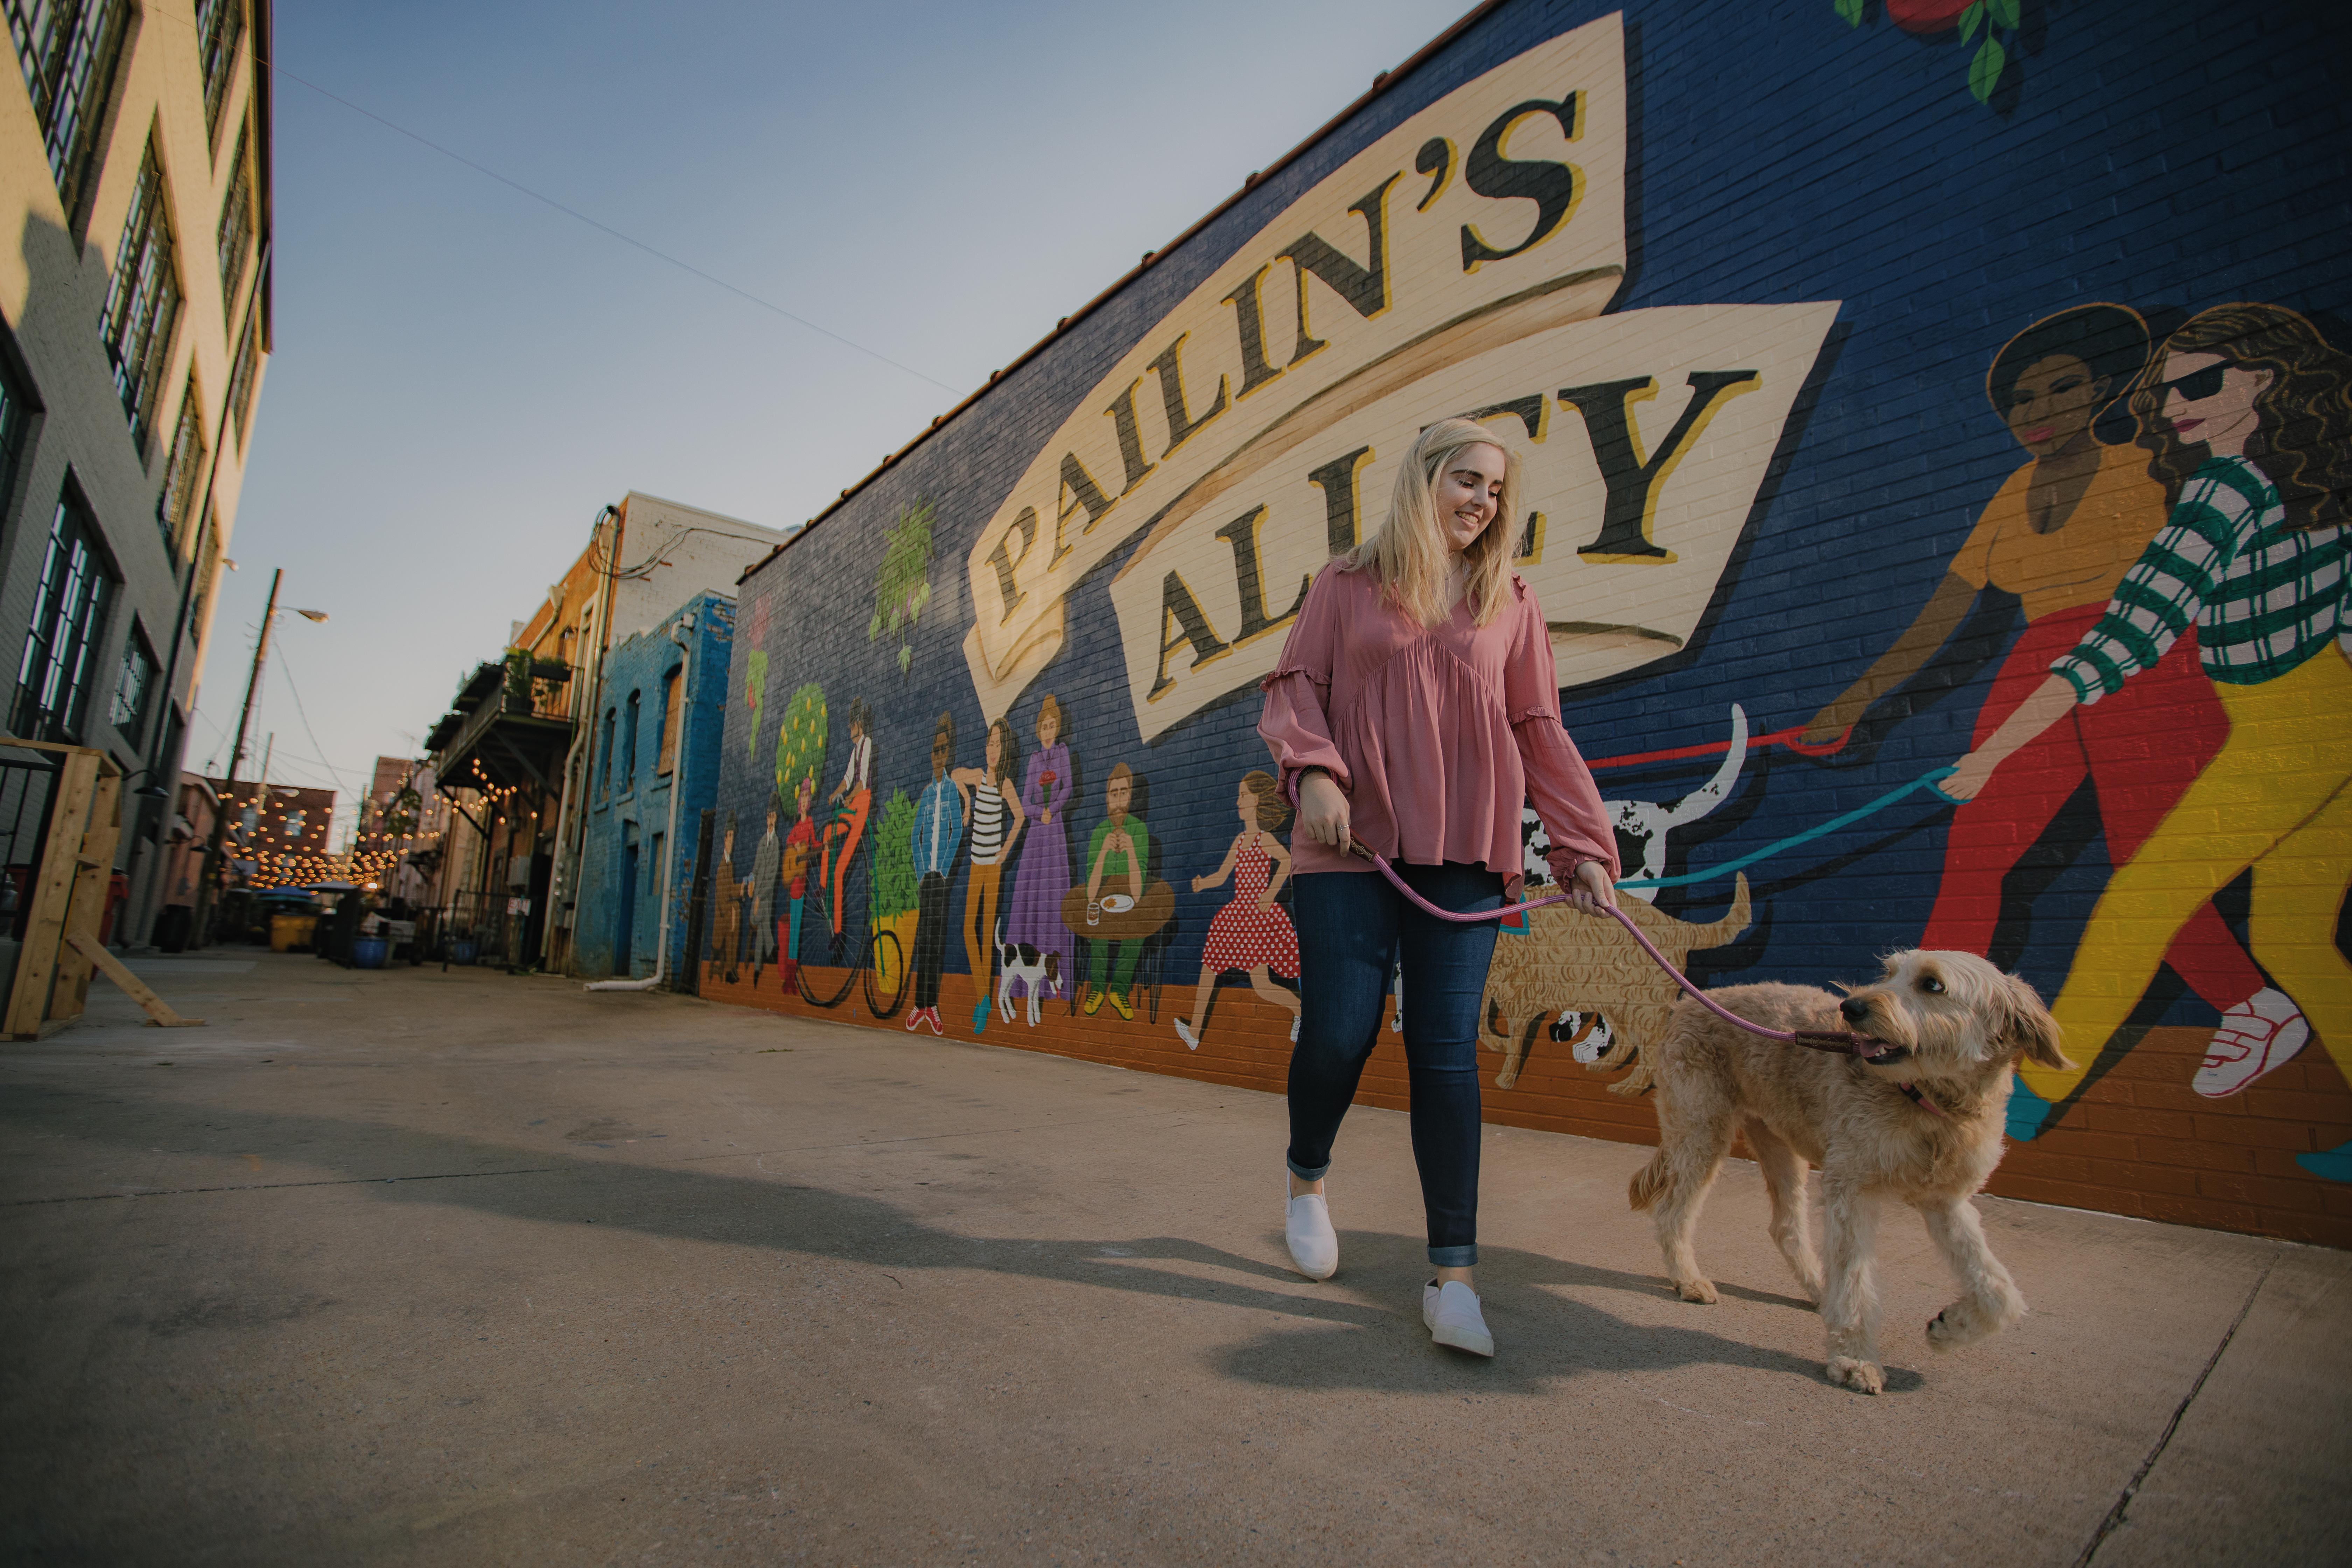 girl walking her golden doodle in front of Pailin's Alley mural